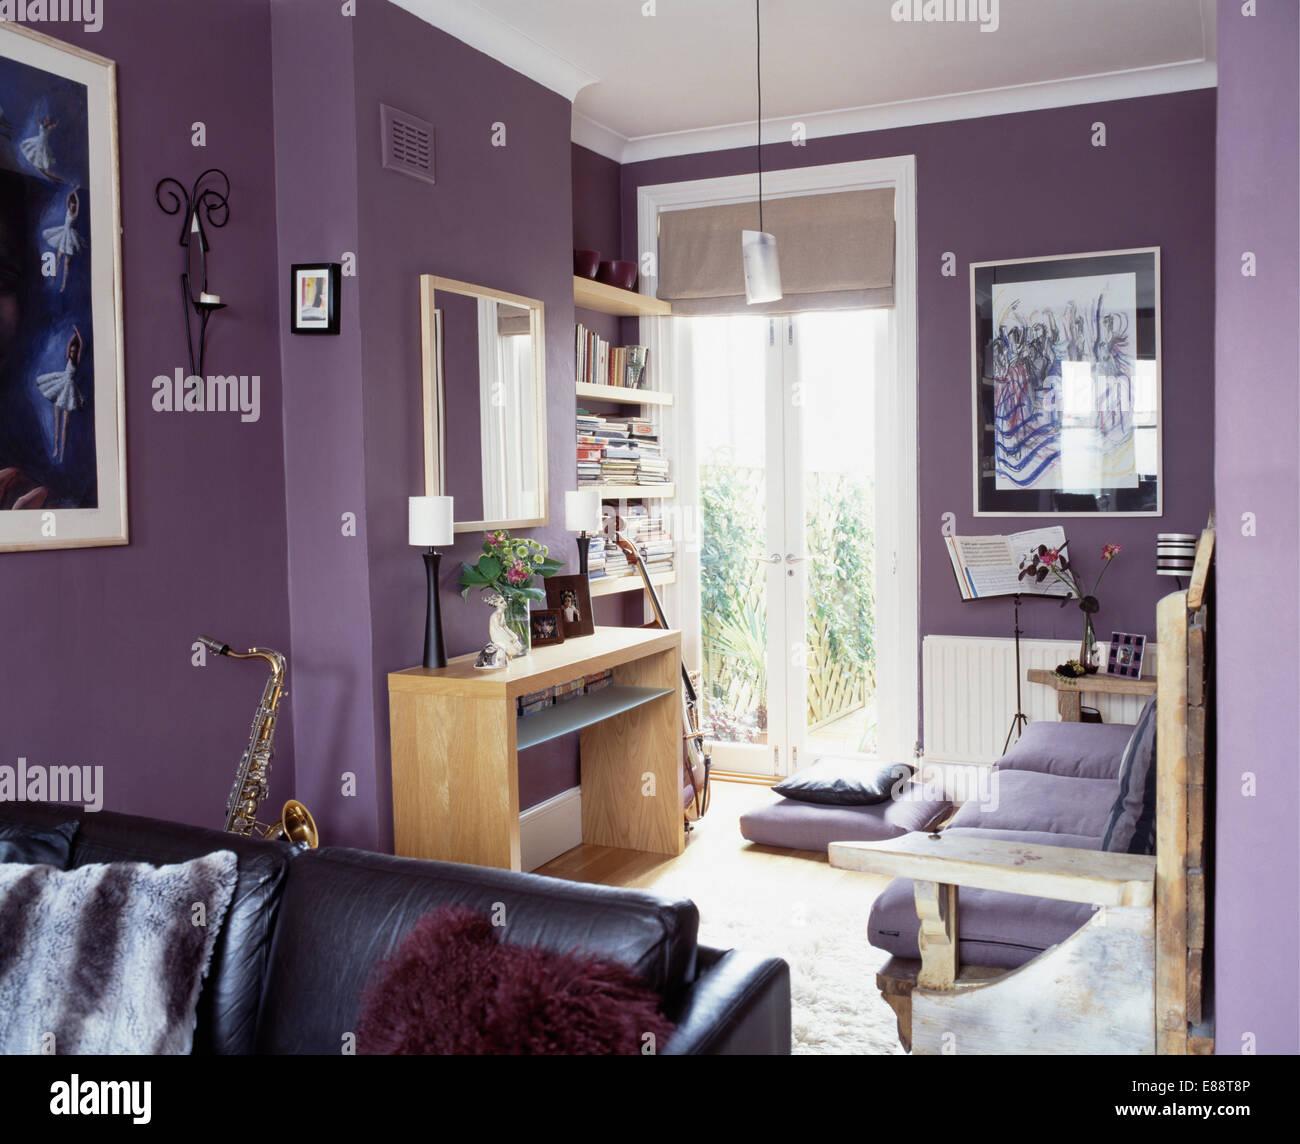 Lila Wohnzimmer, kleiner schreibtisch in modernen lila wohnzimmer mit französischen, Design ideen